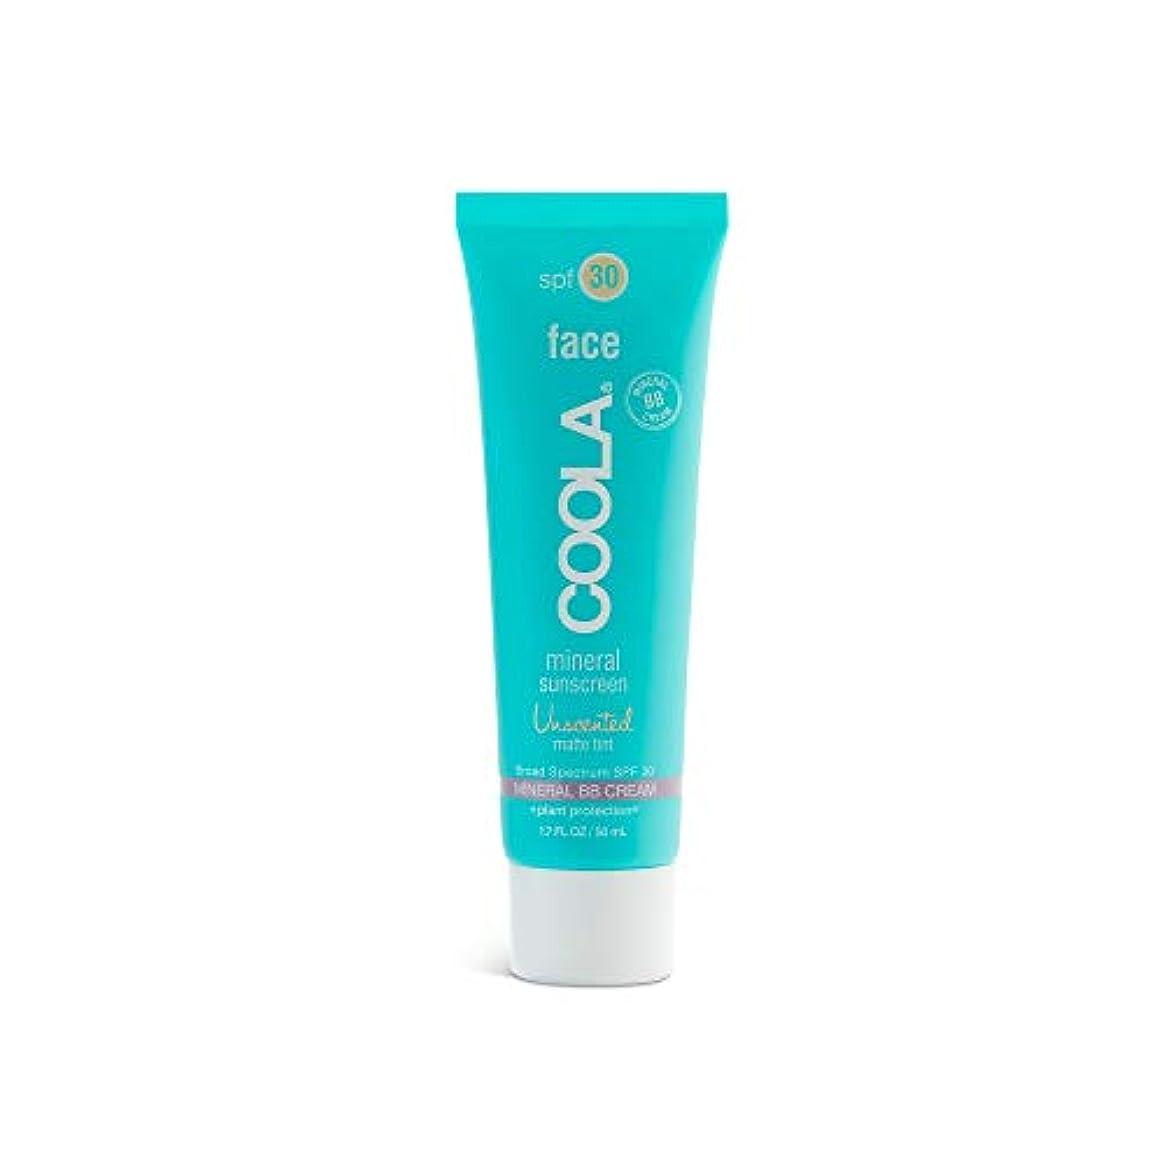 専門用語次へほかにCoola Face Spf 30 Mineral Sunscreen Unscented Matte Tint (並行輸入品)